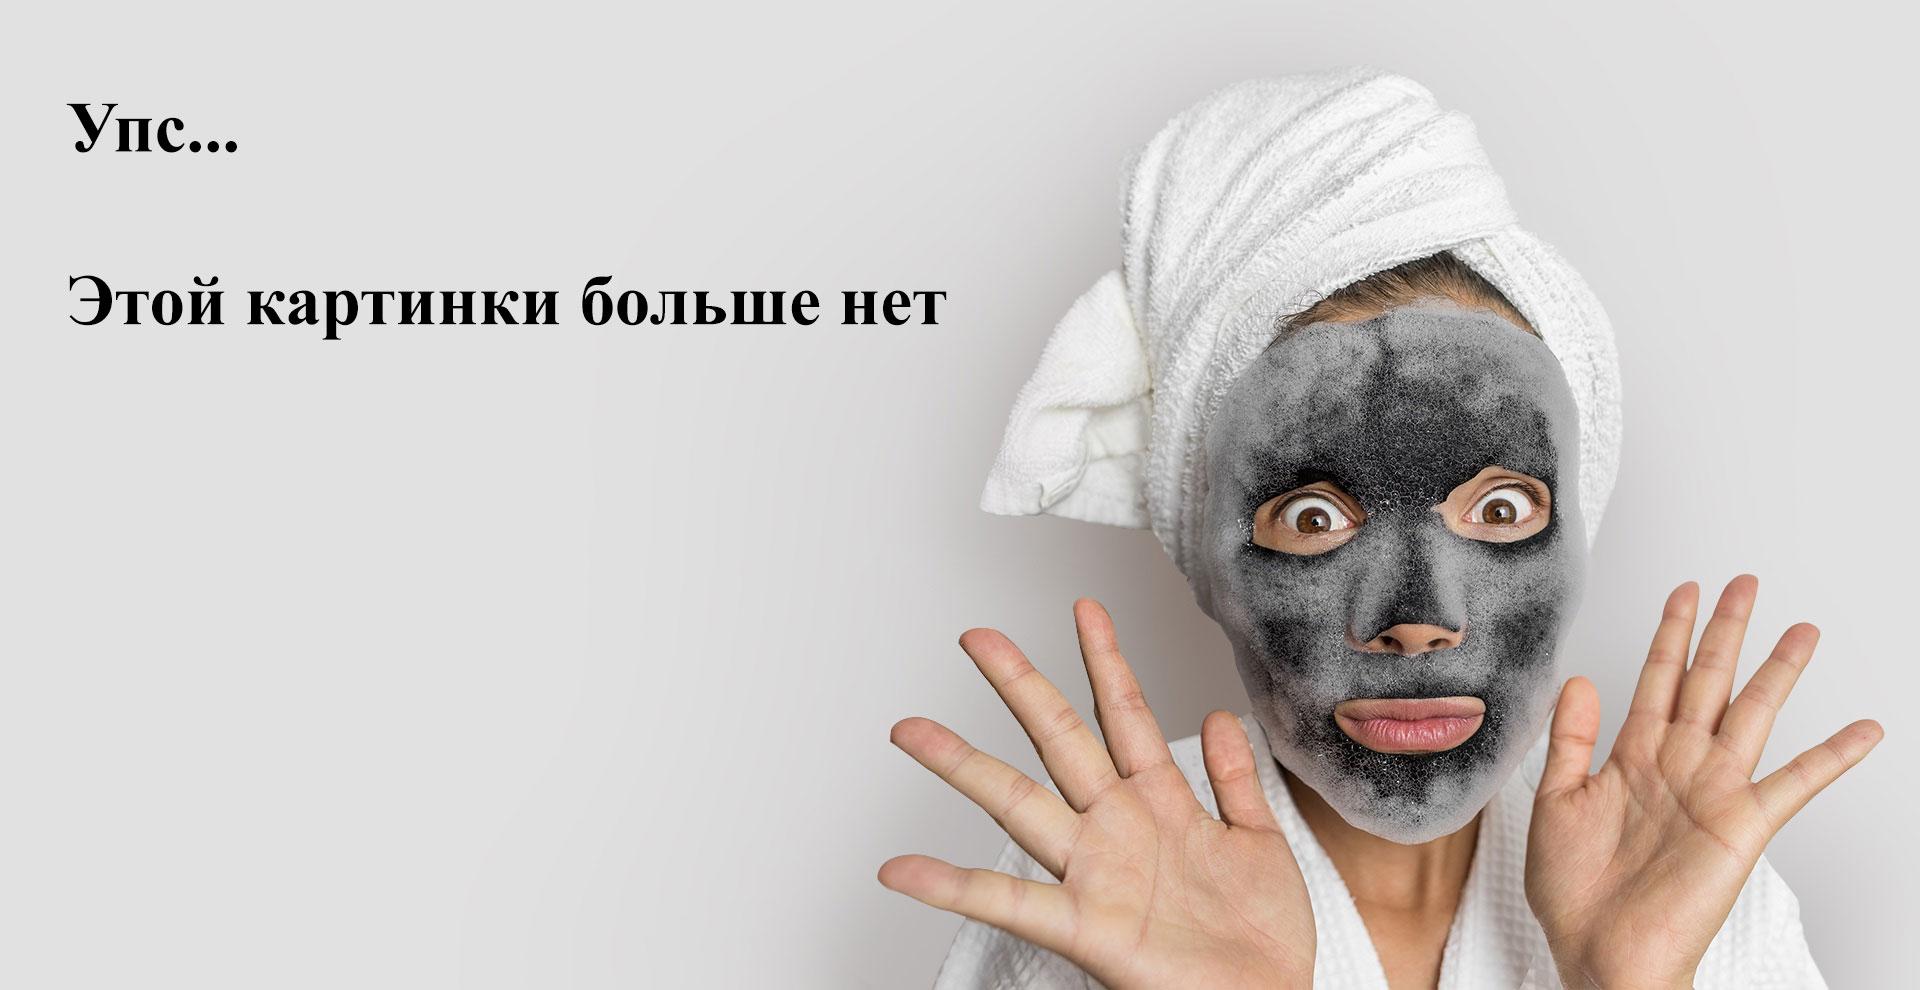 Дезисофт, Мыло жидкое с дезинфицирующим эффектом, 1000 мл